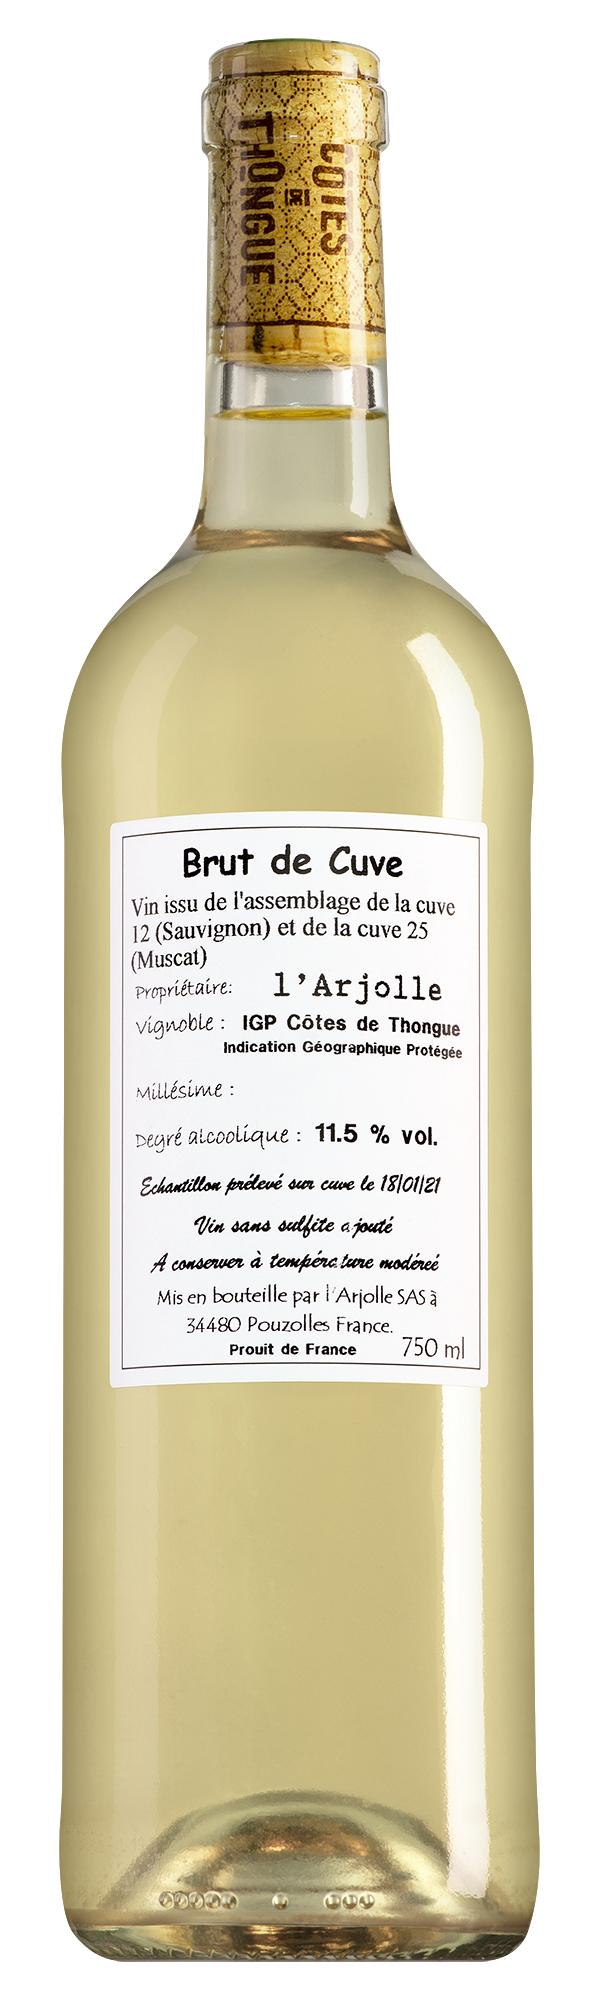 Domaine de l'Arjolle Côtes de Thongue Brut de Cuve Sauvignon Blanc-Muscat